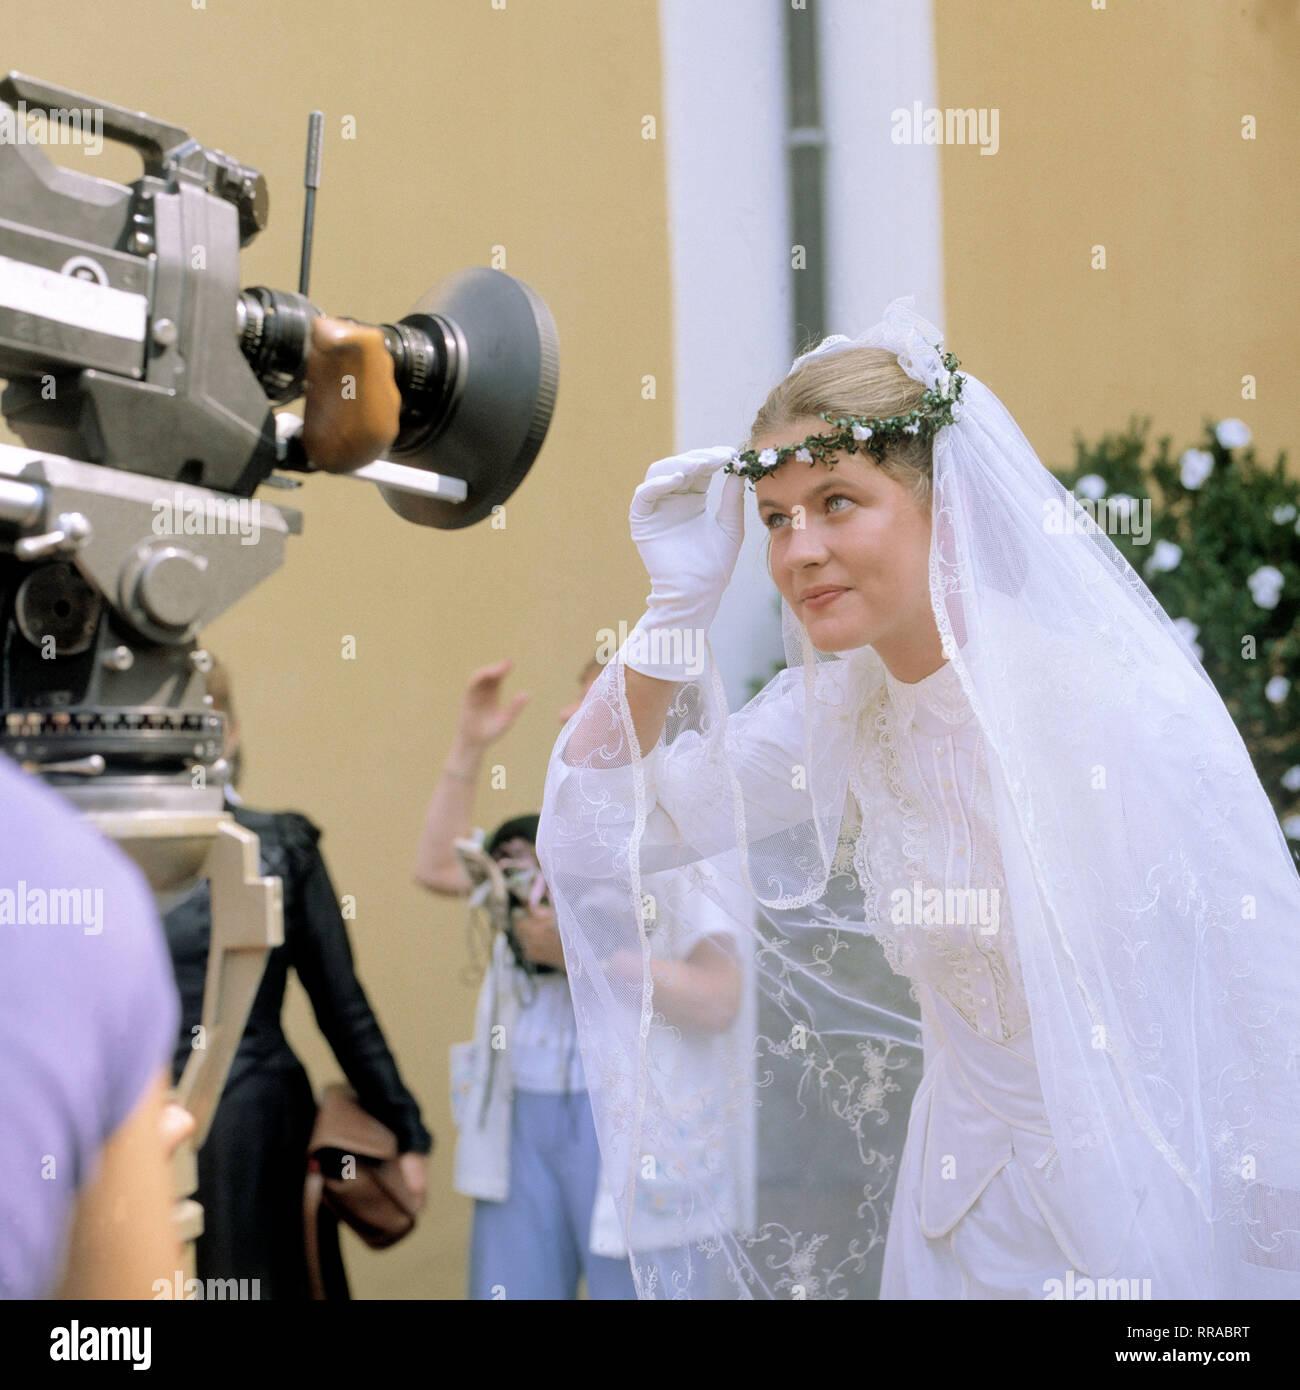 DER TROTZKOPF / BRD 1983 / Helmut Ashley / Hauptdarstellerin ANJA SCHÜTE mit Blick in die Filmkamera. EM / Schüte / Überschrift: DER TROTZKOPF / BRD 1983 Immagini Stock